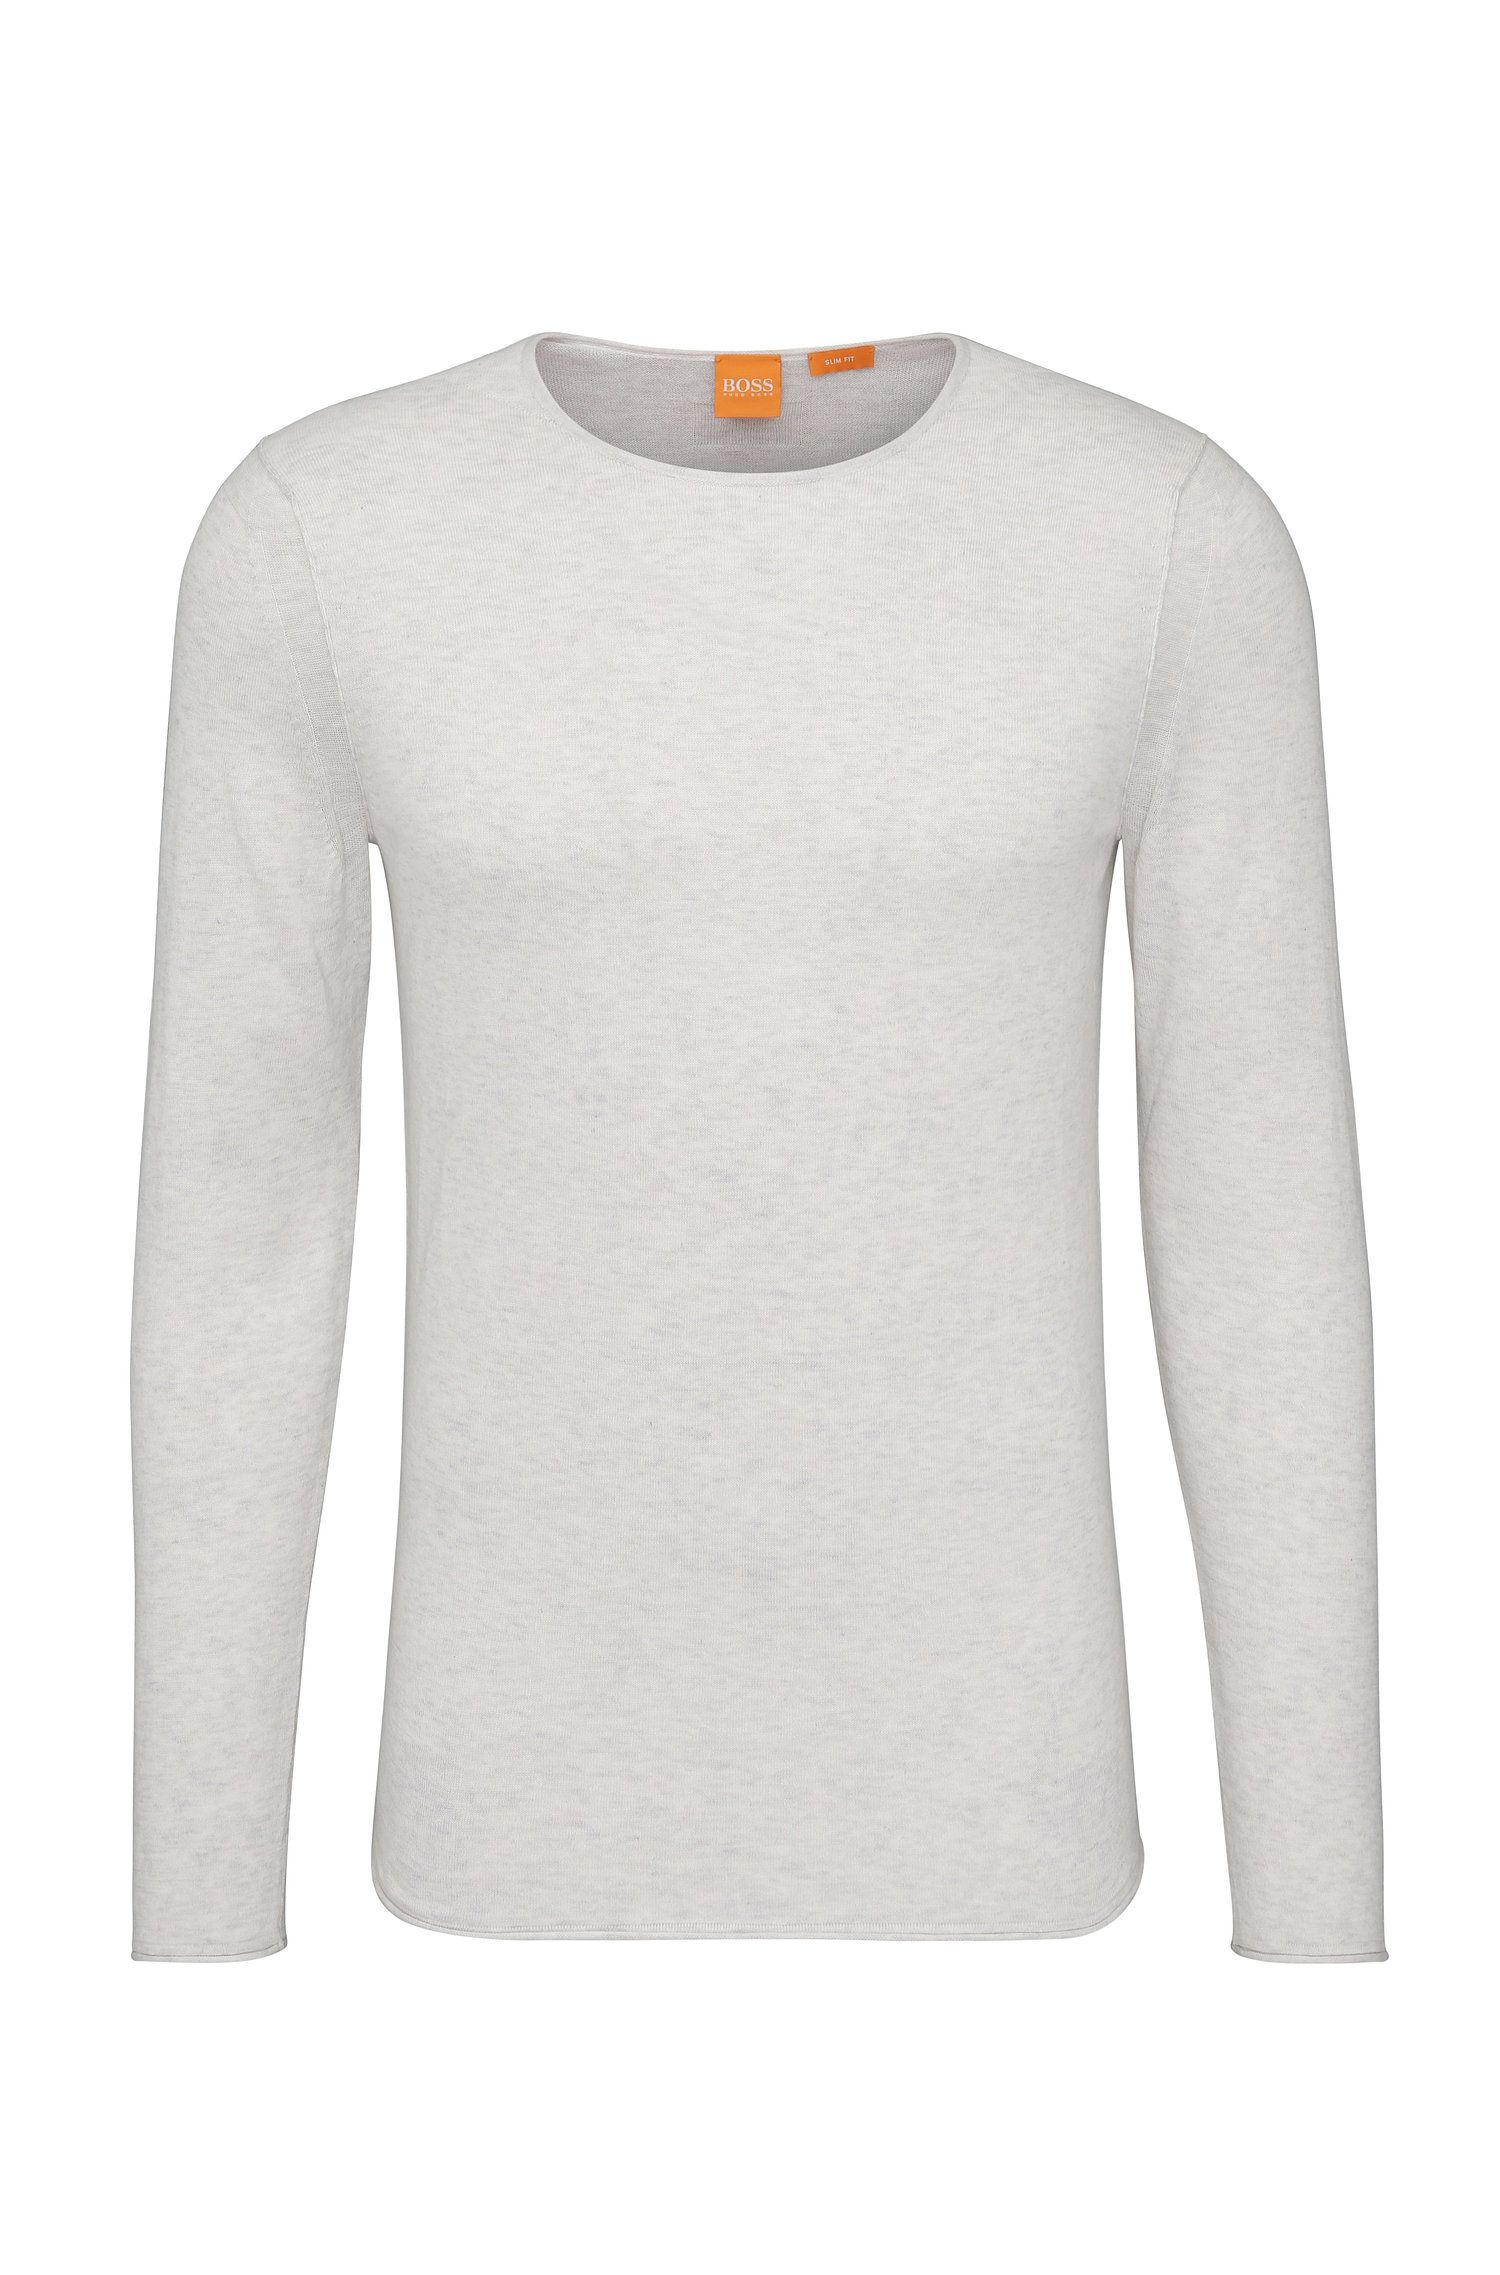 Knitwear sweater in cotton: 'Kwameros'